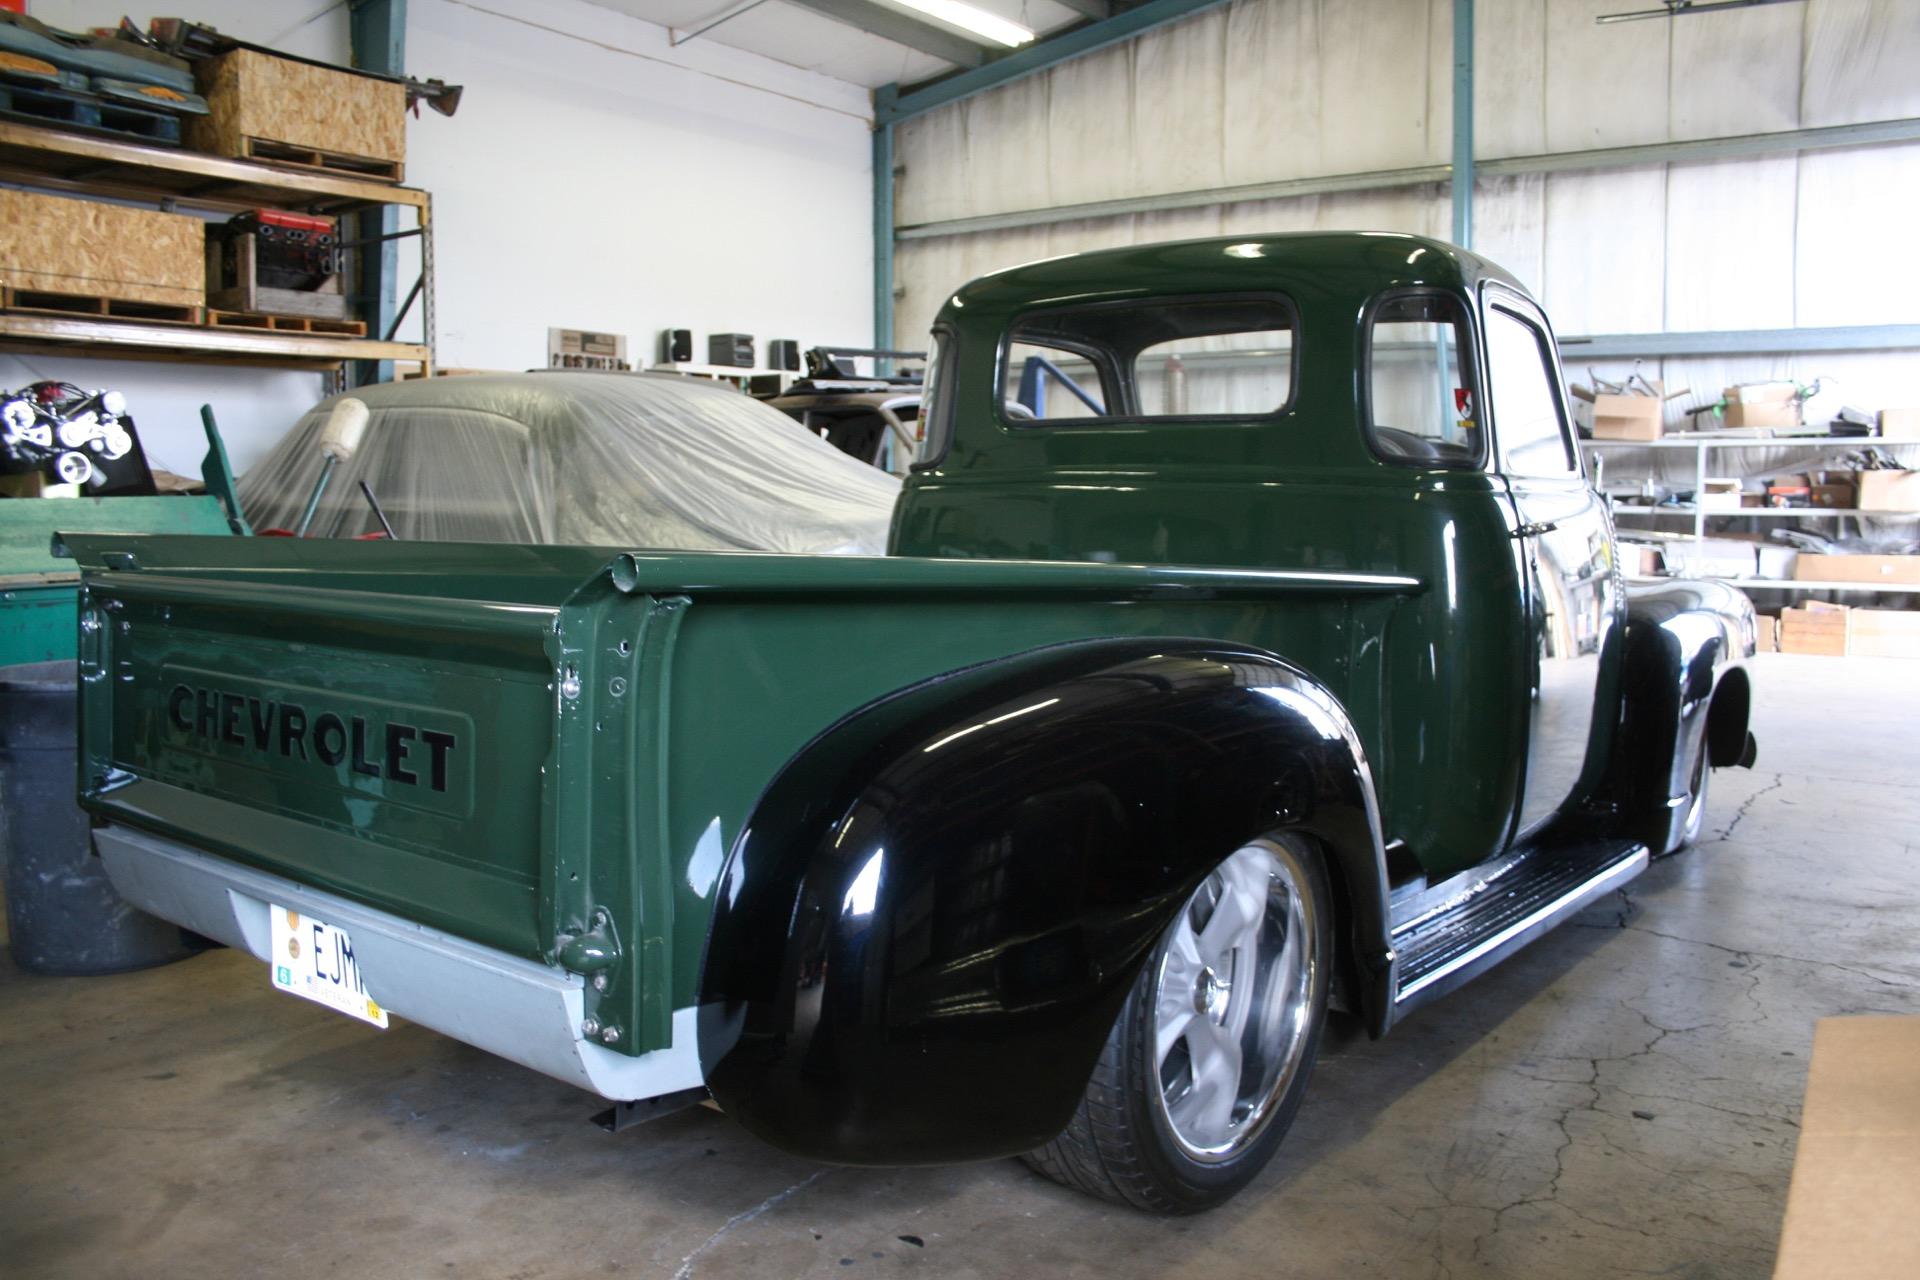 Atemberaubend 1948 Chevy Truck Rahmen Swap Fotos - Bilderrahmen ...